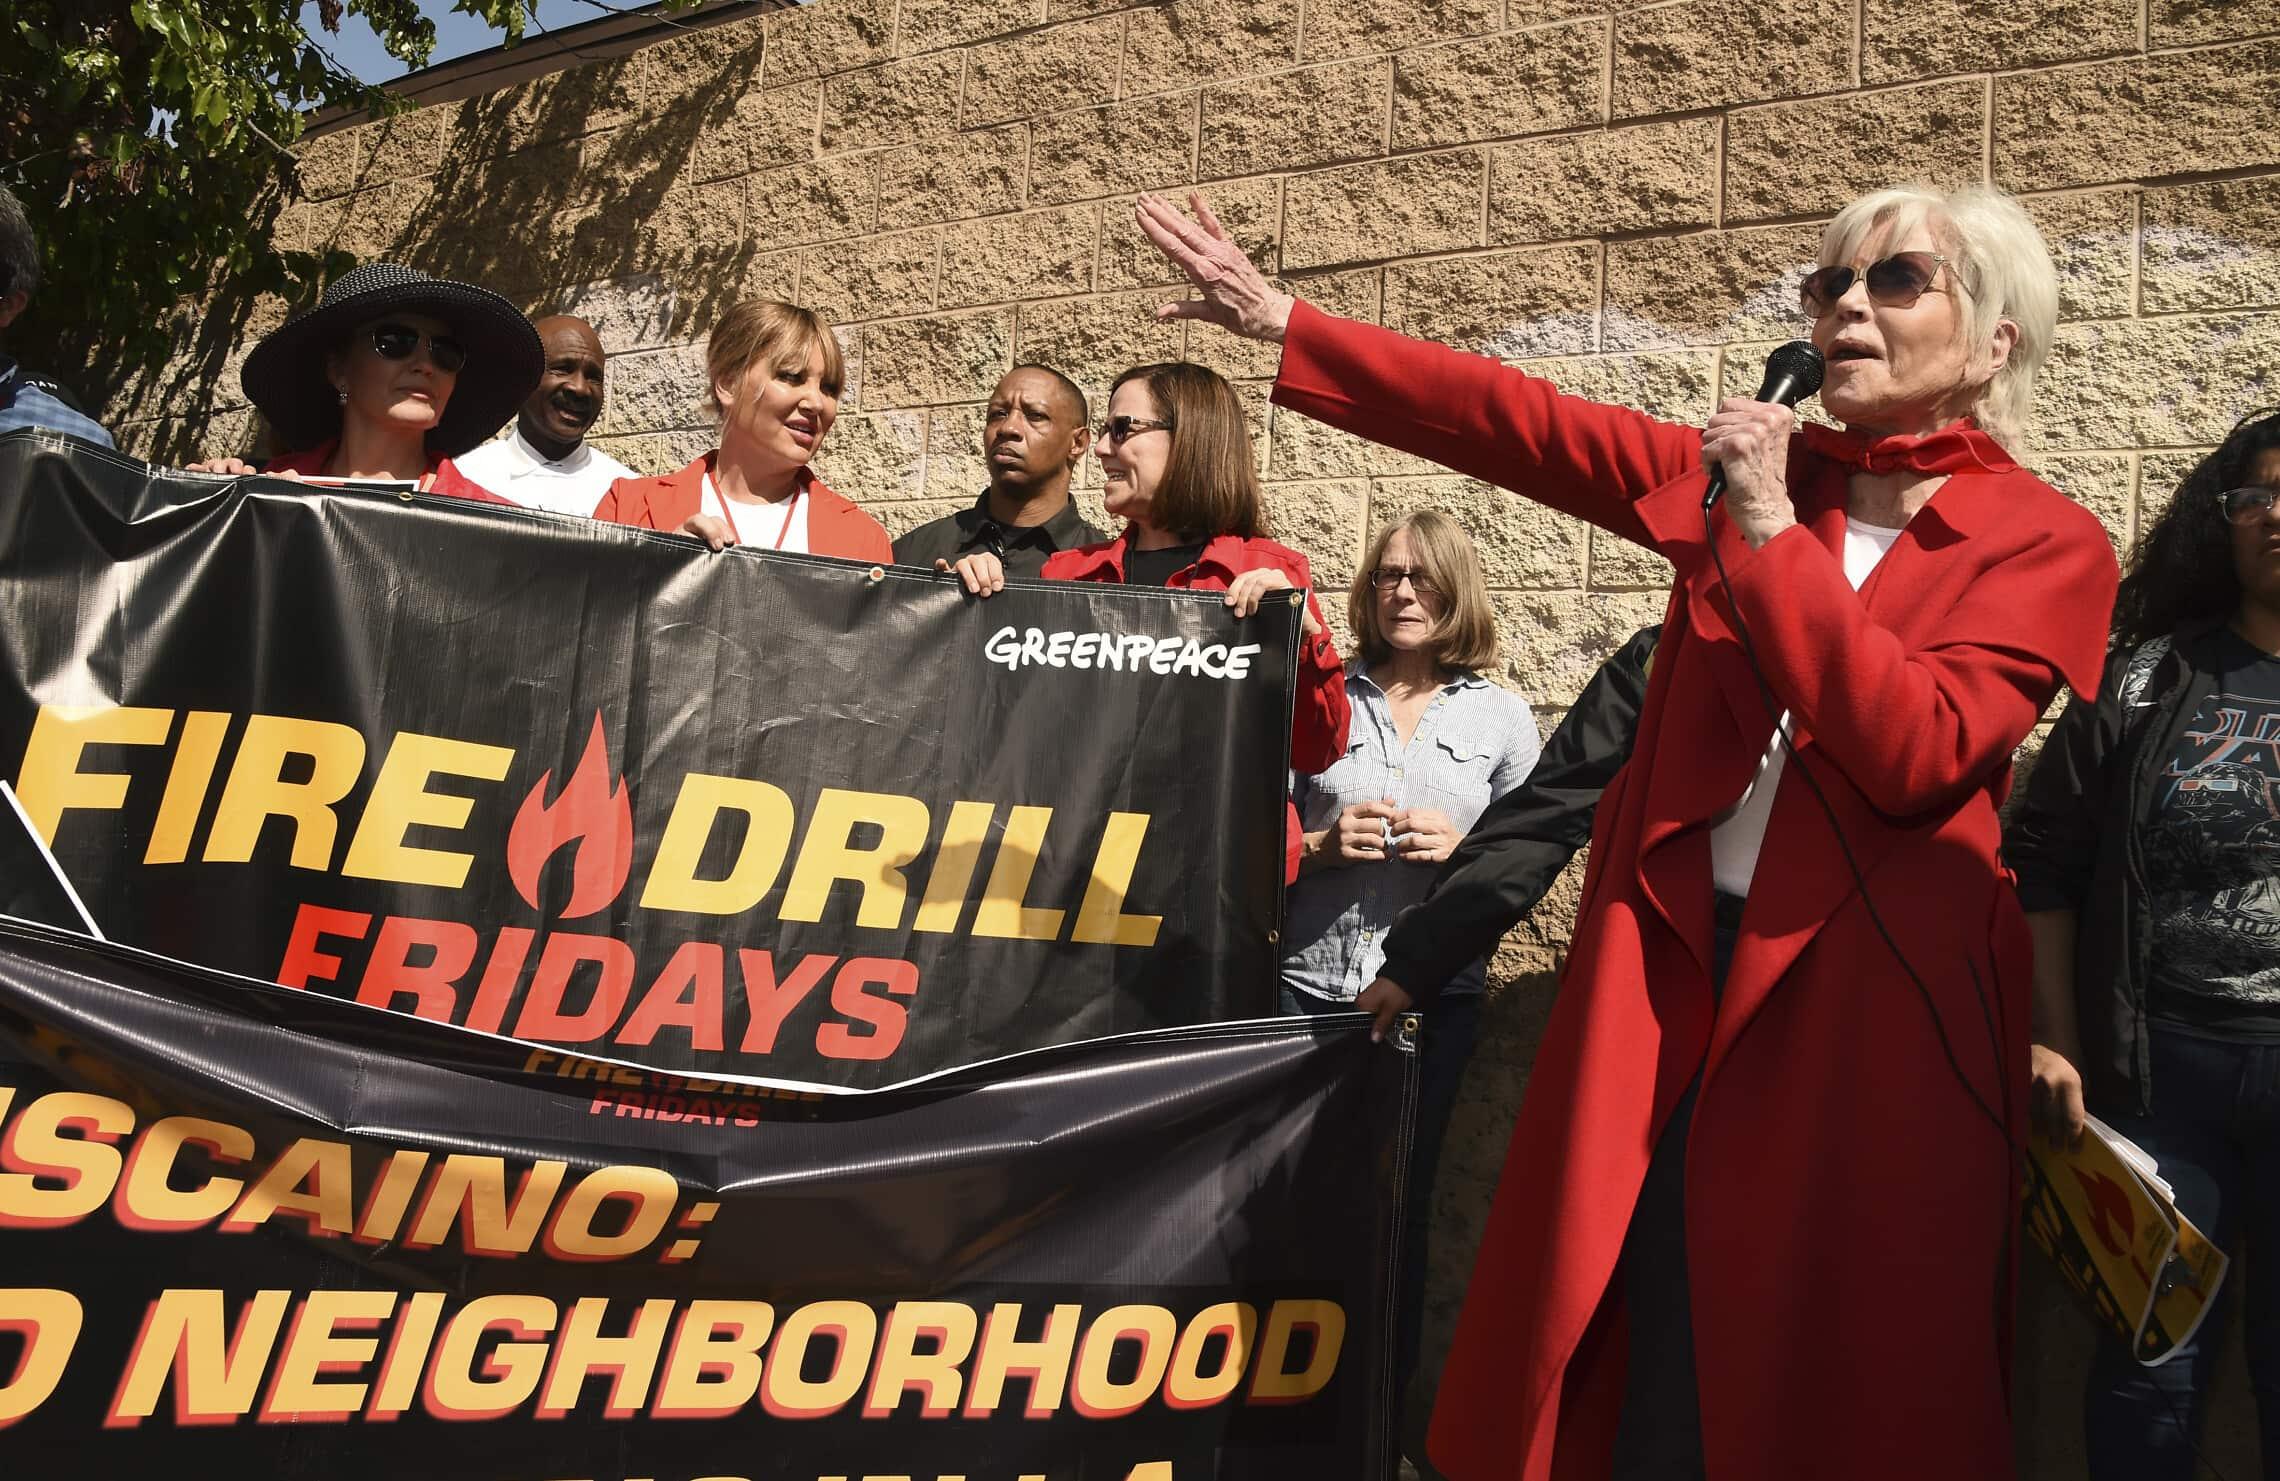 ג'יין פונדה בהפגנה של גרינפיס בלוס אנג'לס, 6 במרץ 2020 (צילום: AP Photo/Chris Pizzello)